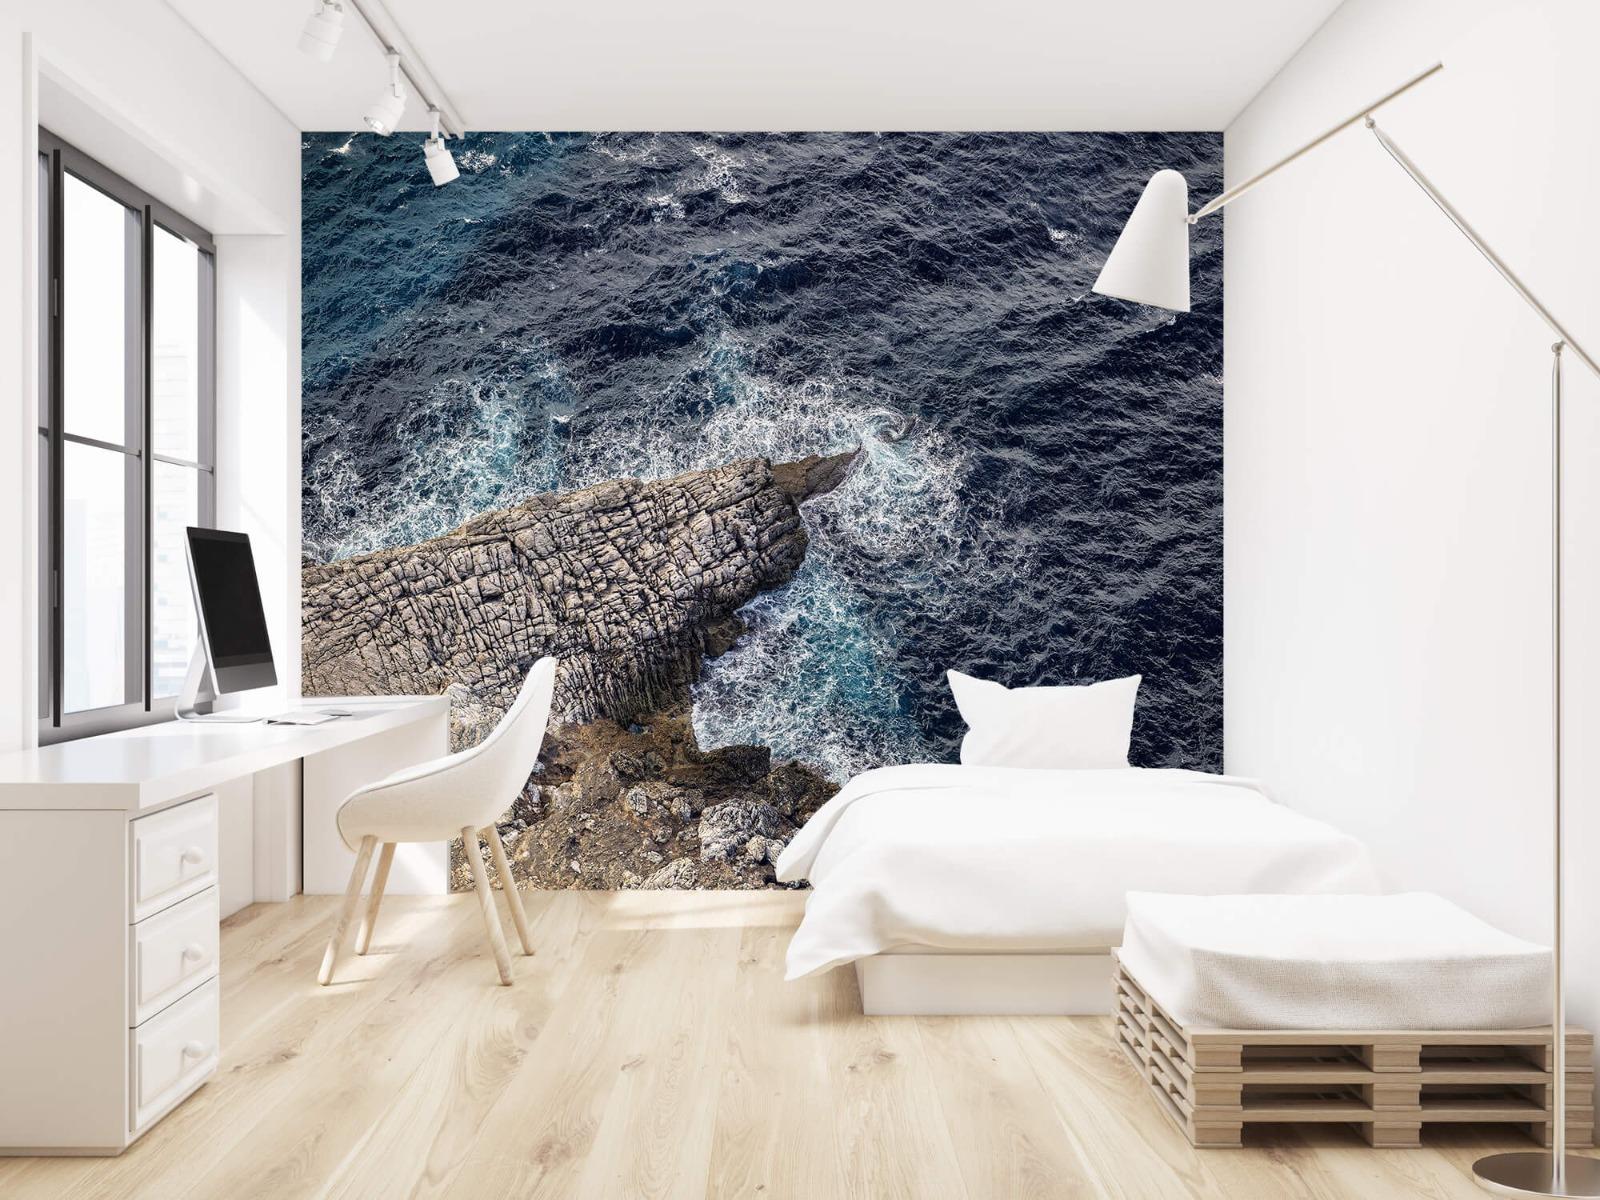 Zeeën en Oceanen - Rotspunt aan de kust - Slaapkamer 22